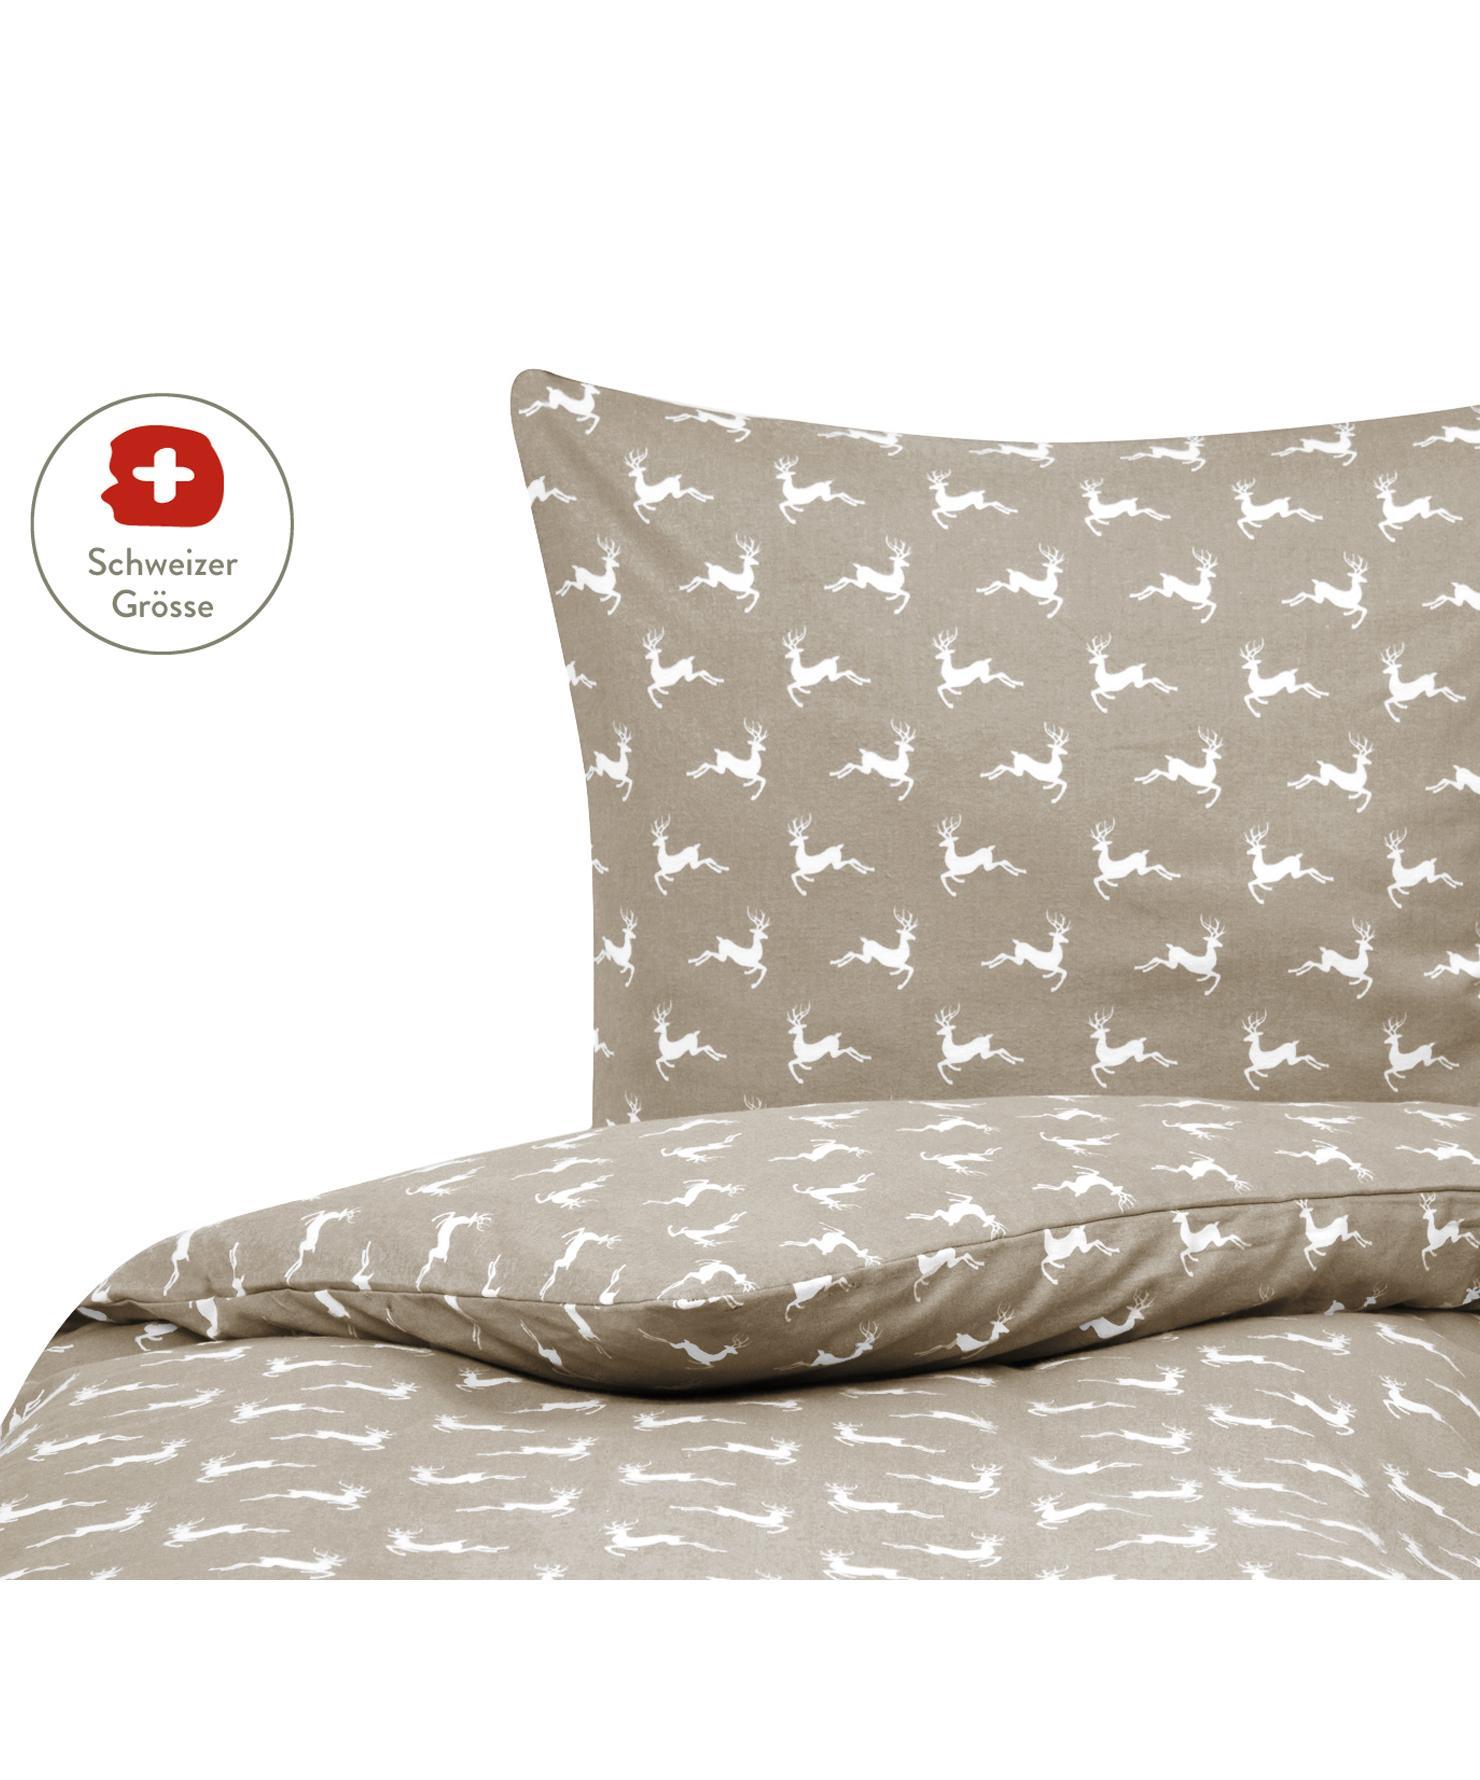 Flanell-Bettdeckenbezug Rudolph mit Rentieren, Webart: Flanell Flanell ist ein s, Beige, Weiss, 160 x 210 cm